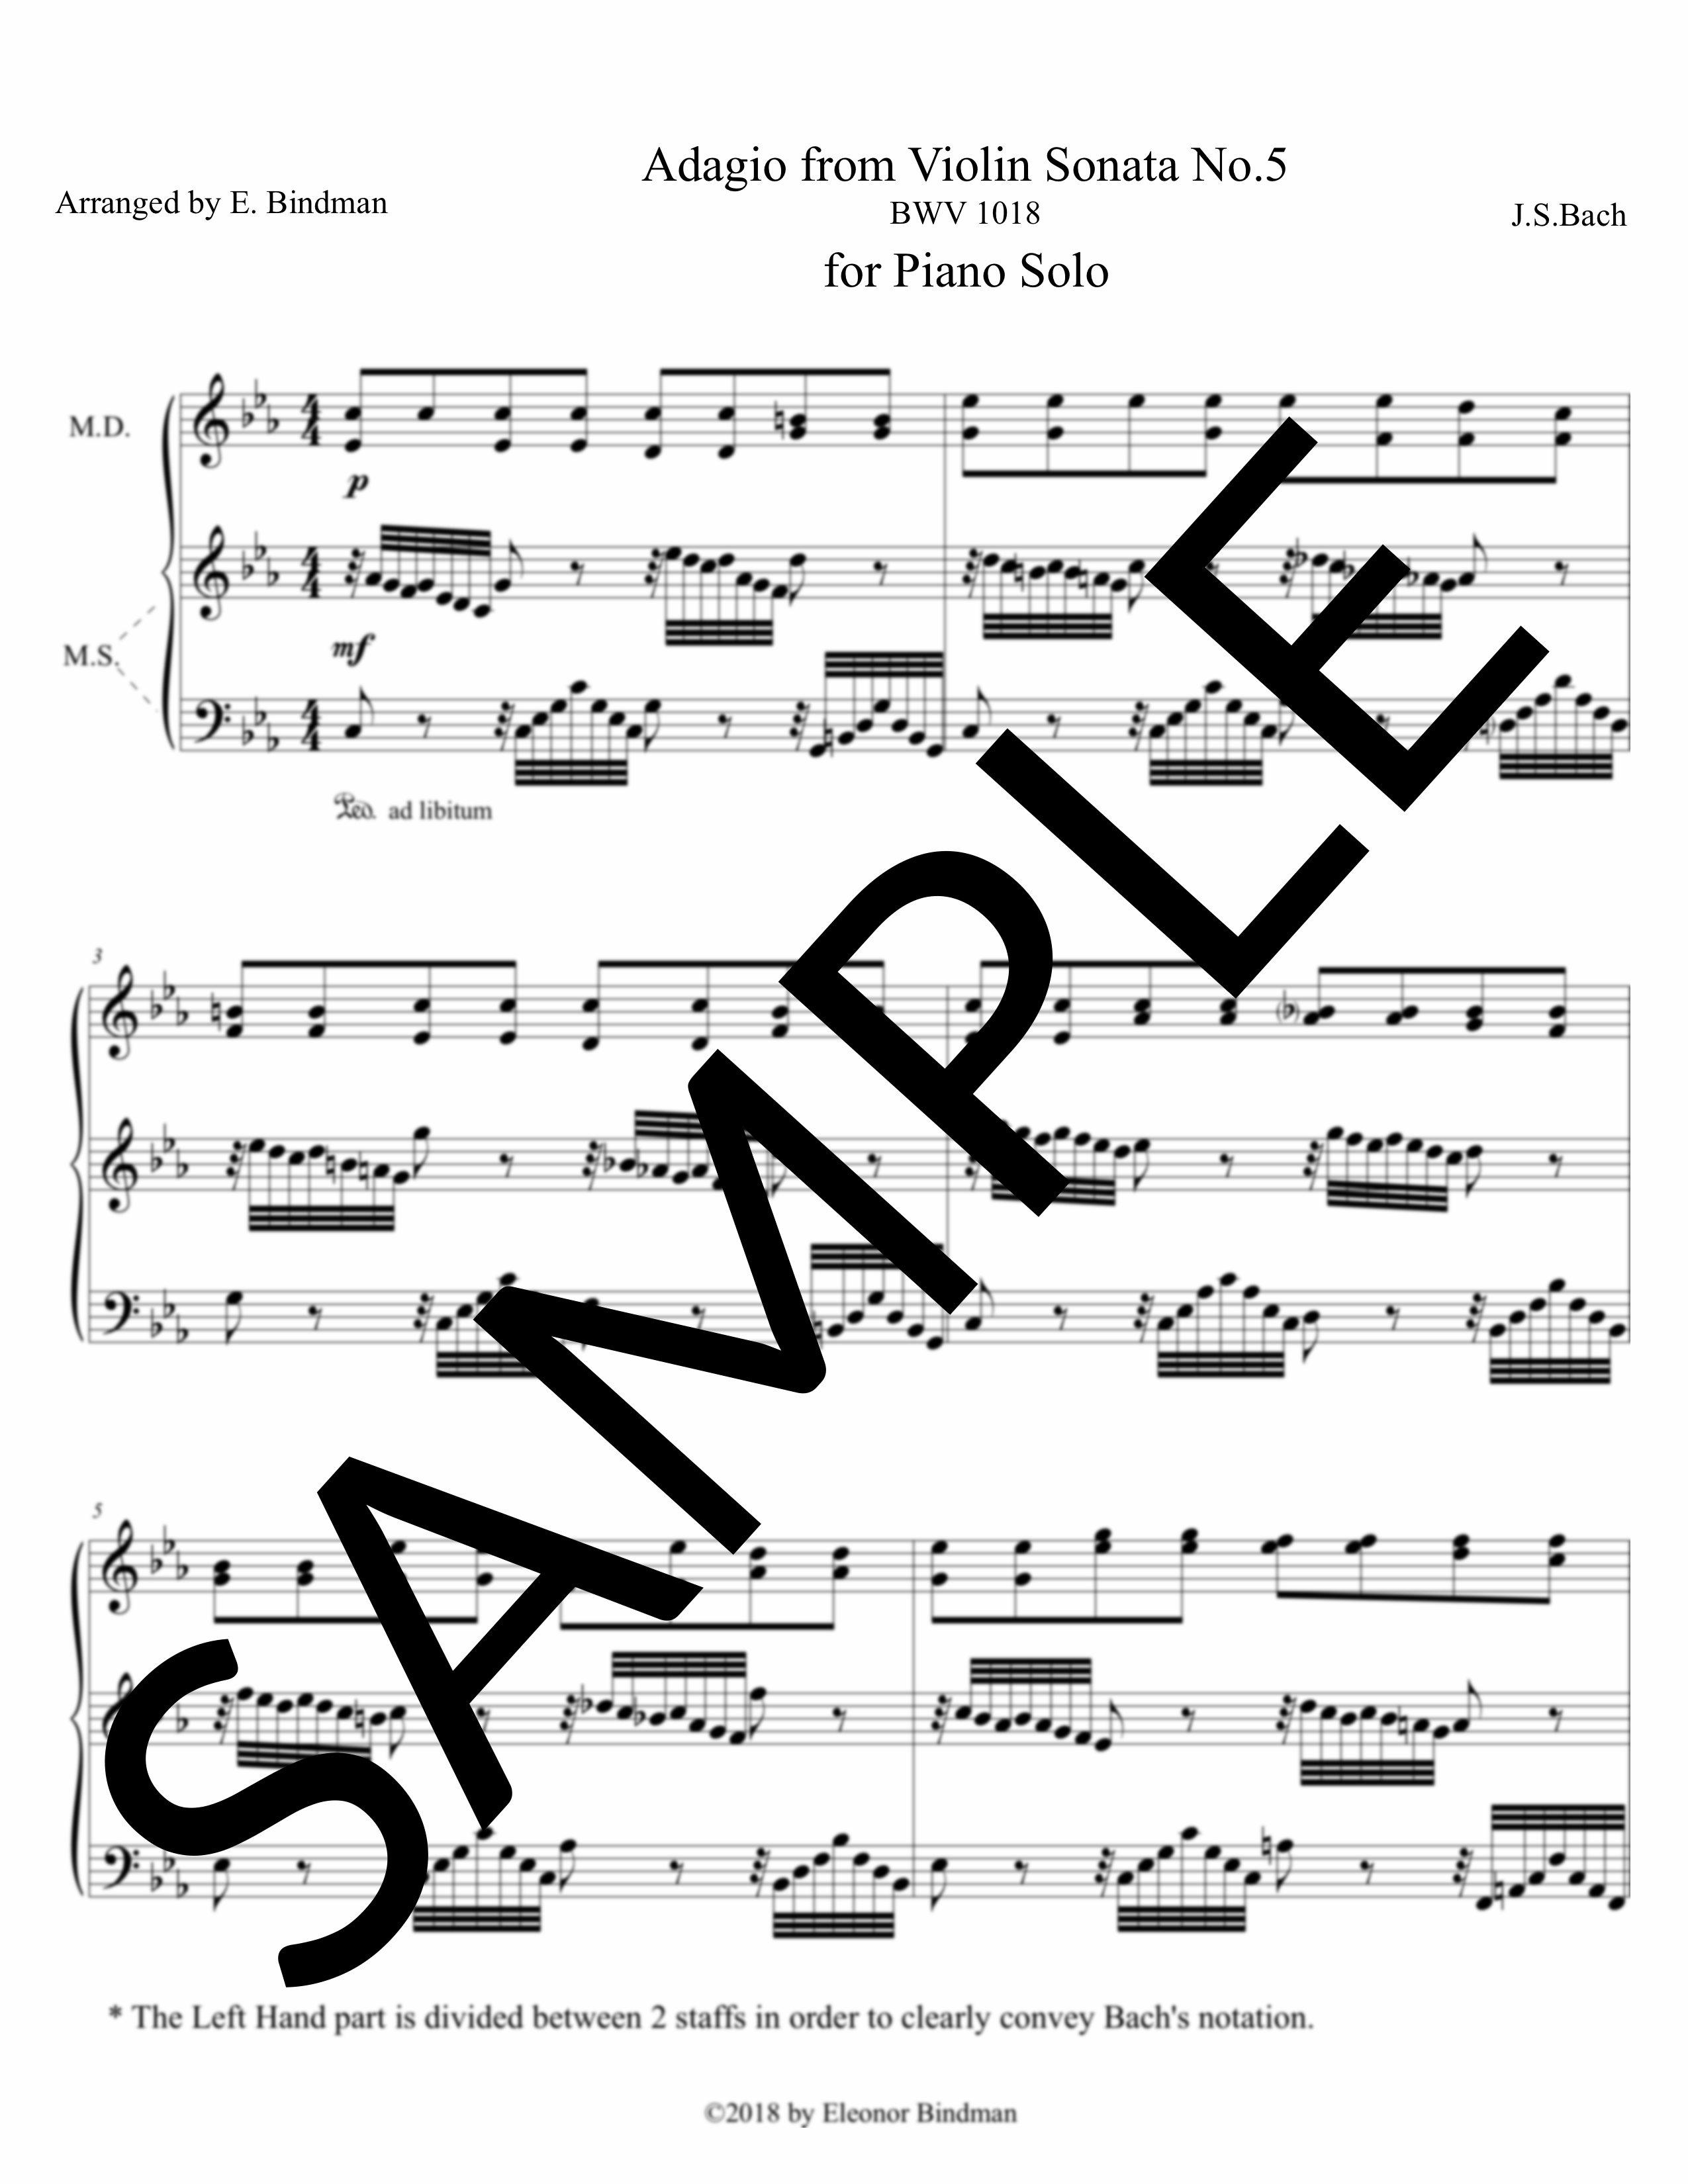 J.S. Bach: Adagio from Violin Sonata No. 5 for Solo Piano